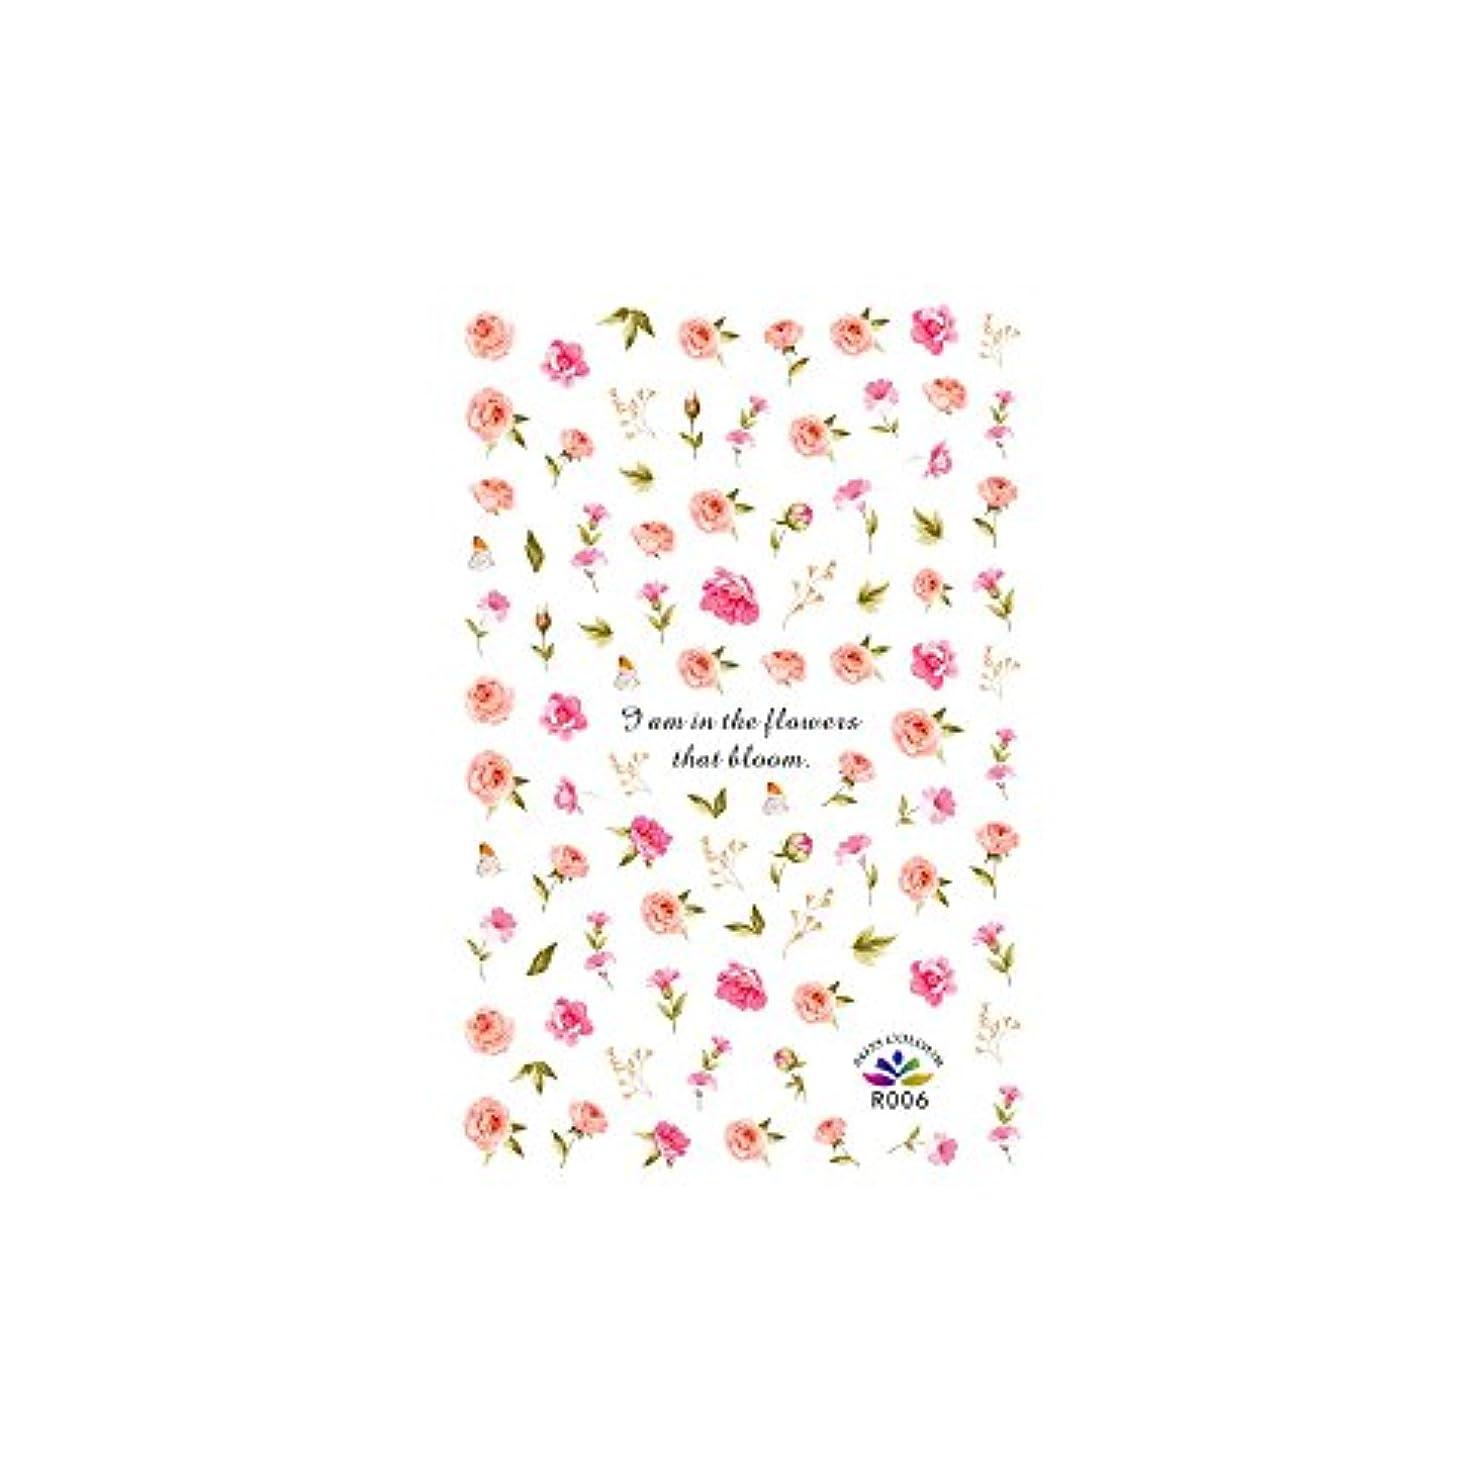 機会ペニー車両ネイルシール アンティークローズシール ジェルネイル ネイルアート 花柄 花びら フラワーネイル 薔薇 セルフネイル